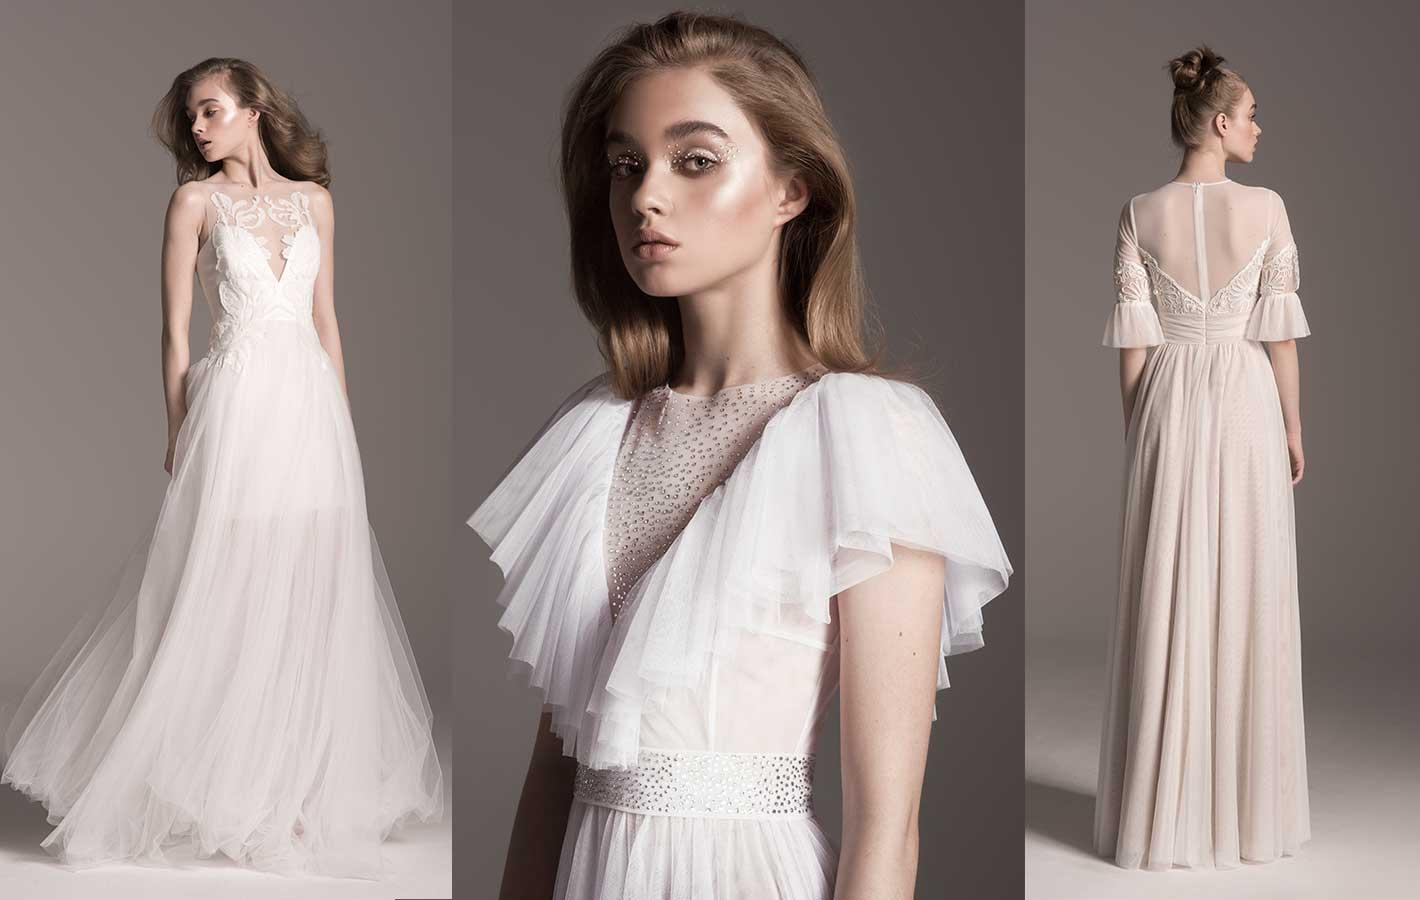 e66b28f878 Lidia Kalita rusza z kolekcją sukien ślubnych - Fashionpost